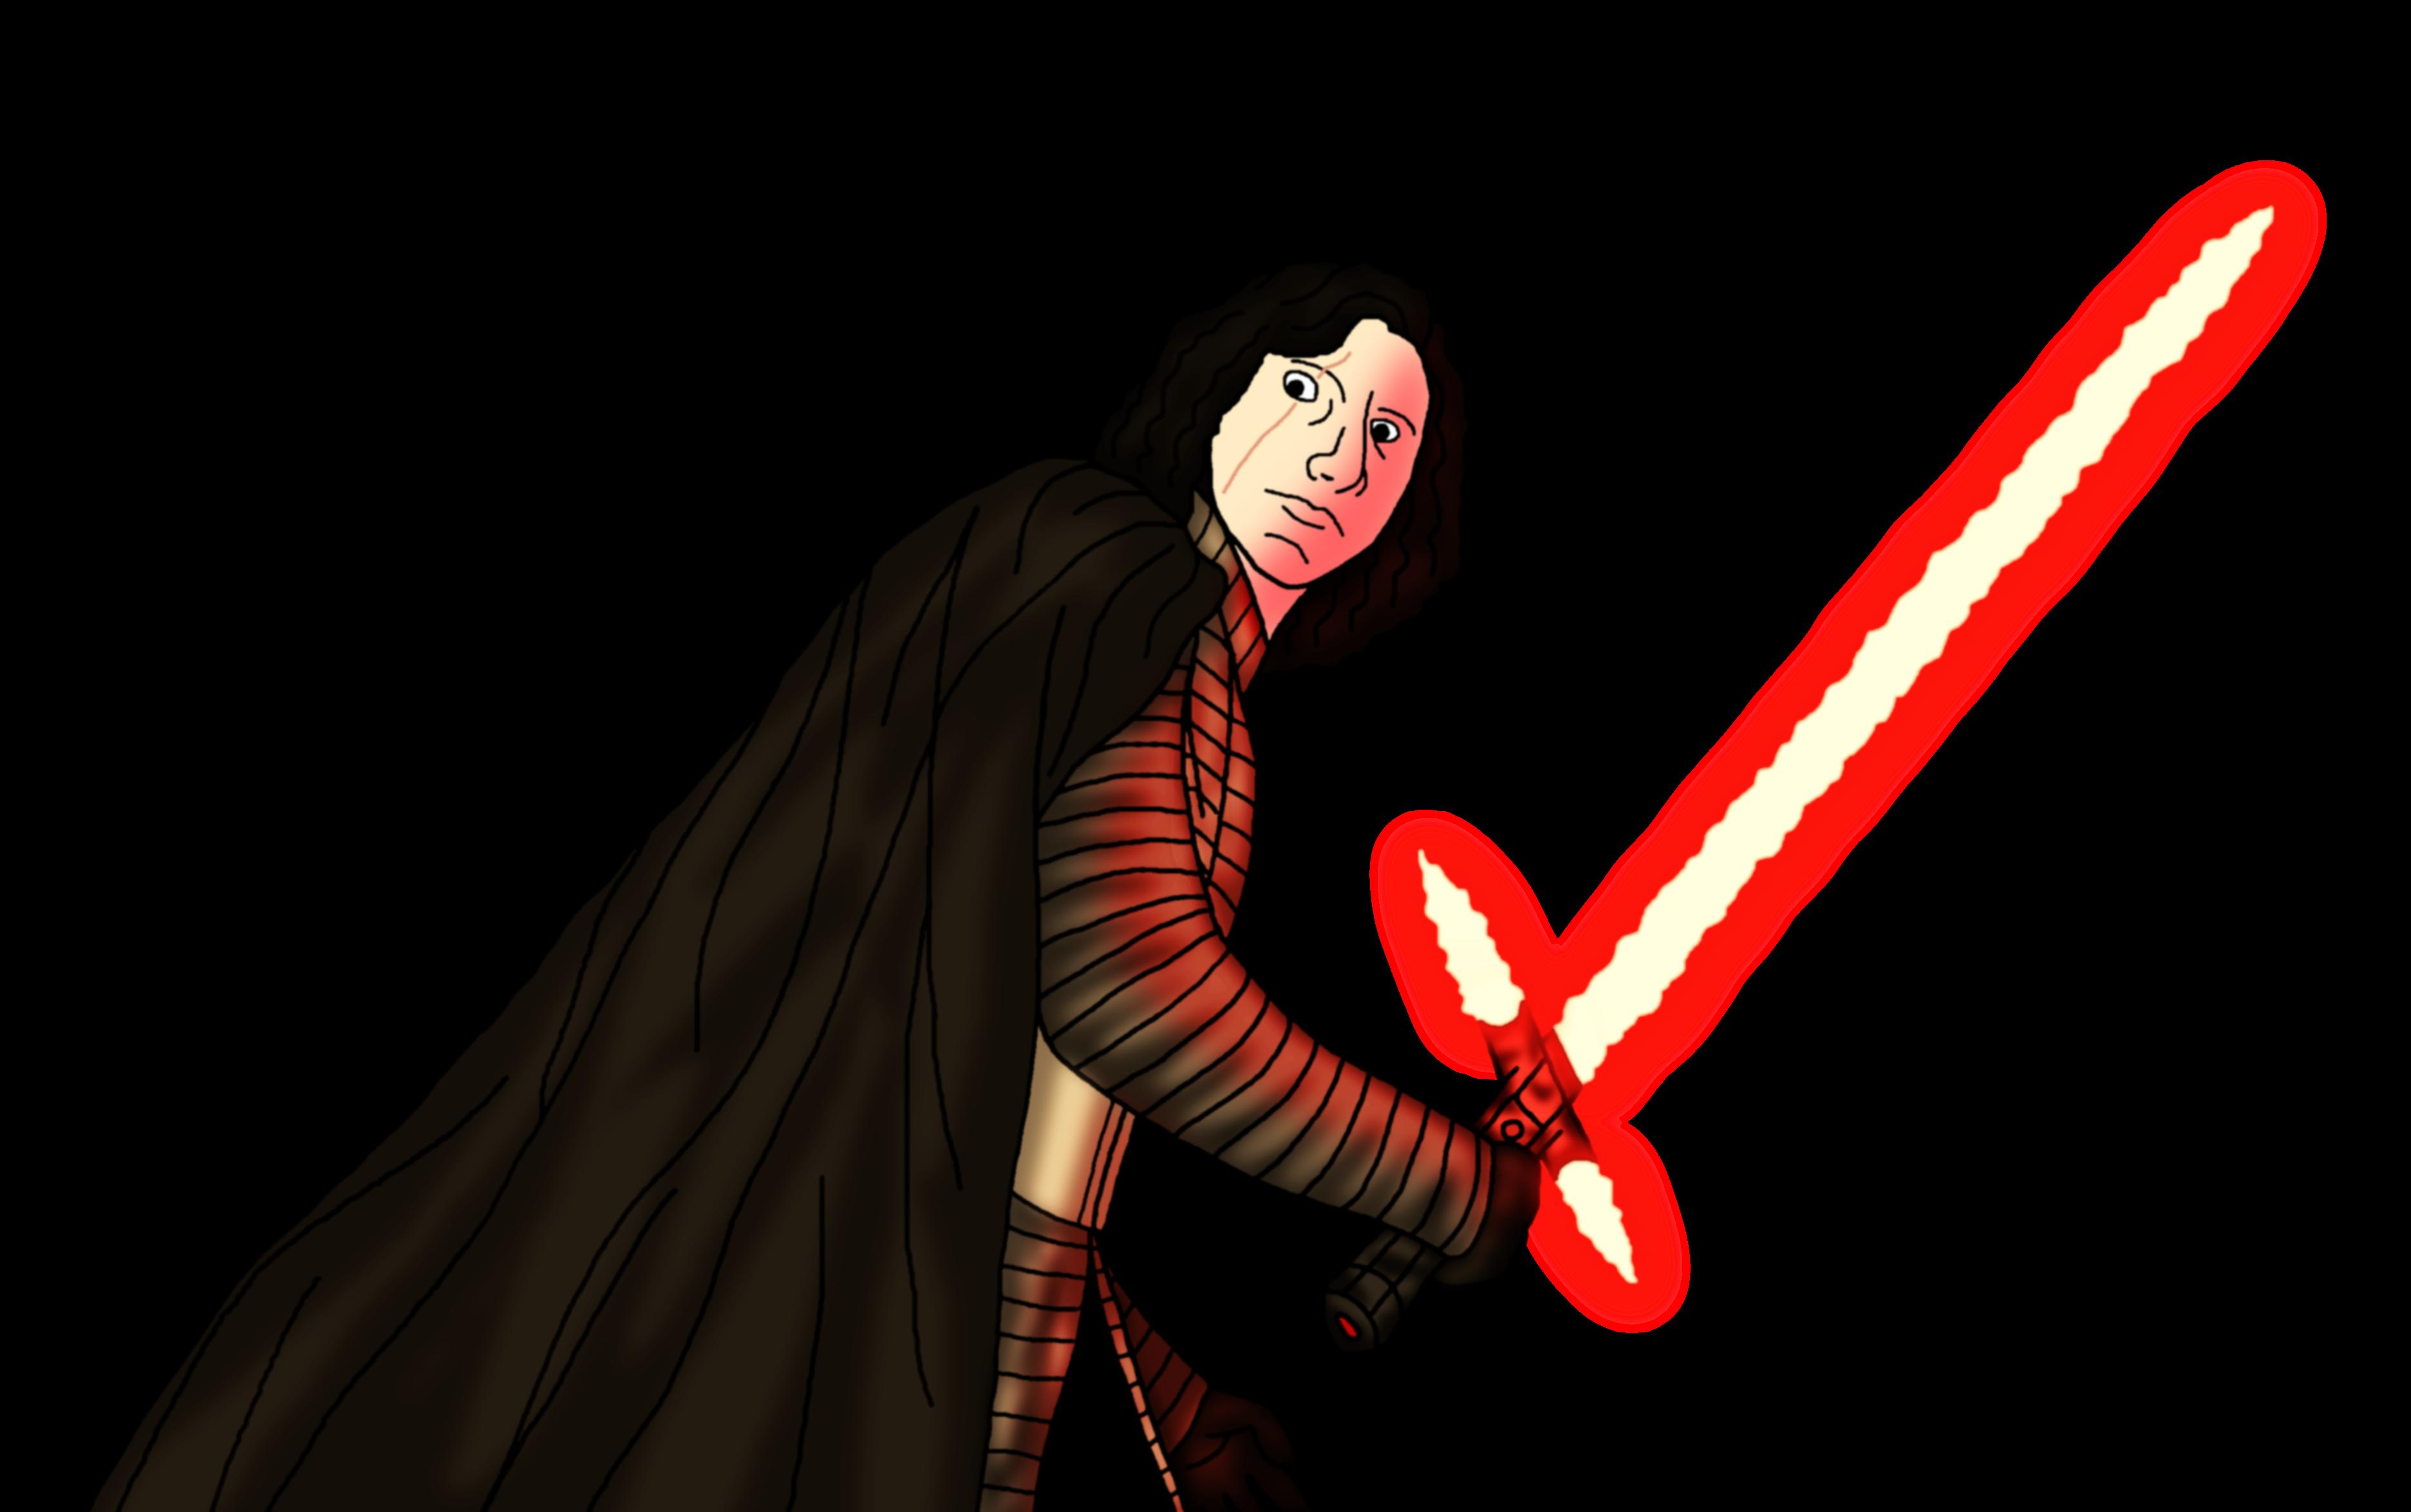 Last Jedi Wallpaper >> Kylo Ren in The Last Jedi (Unmasked) by Jones6192 on DeviantArt